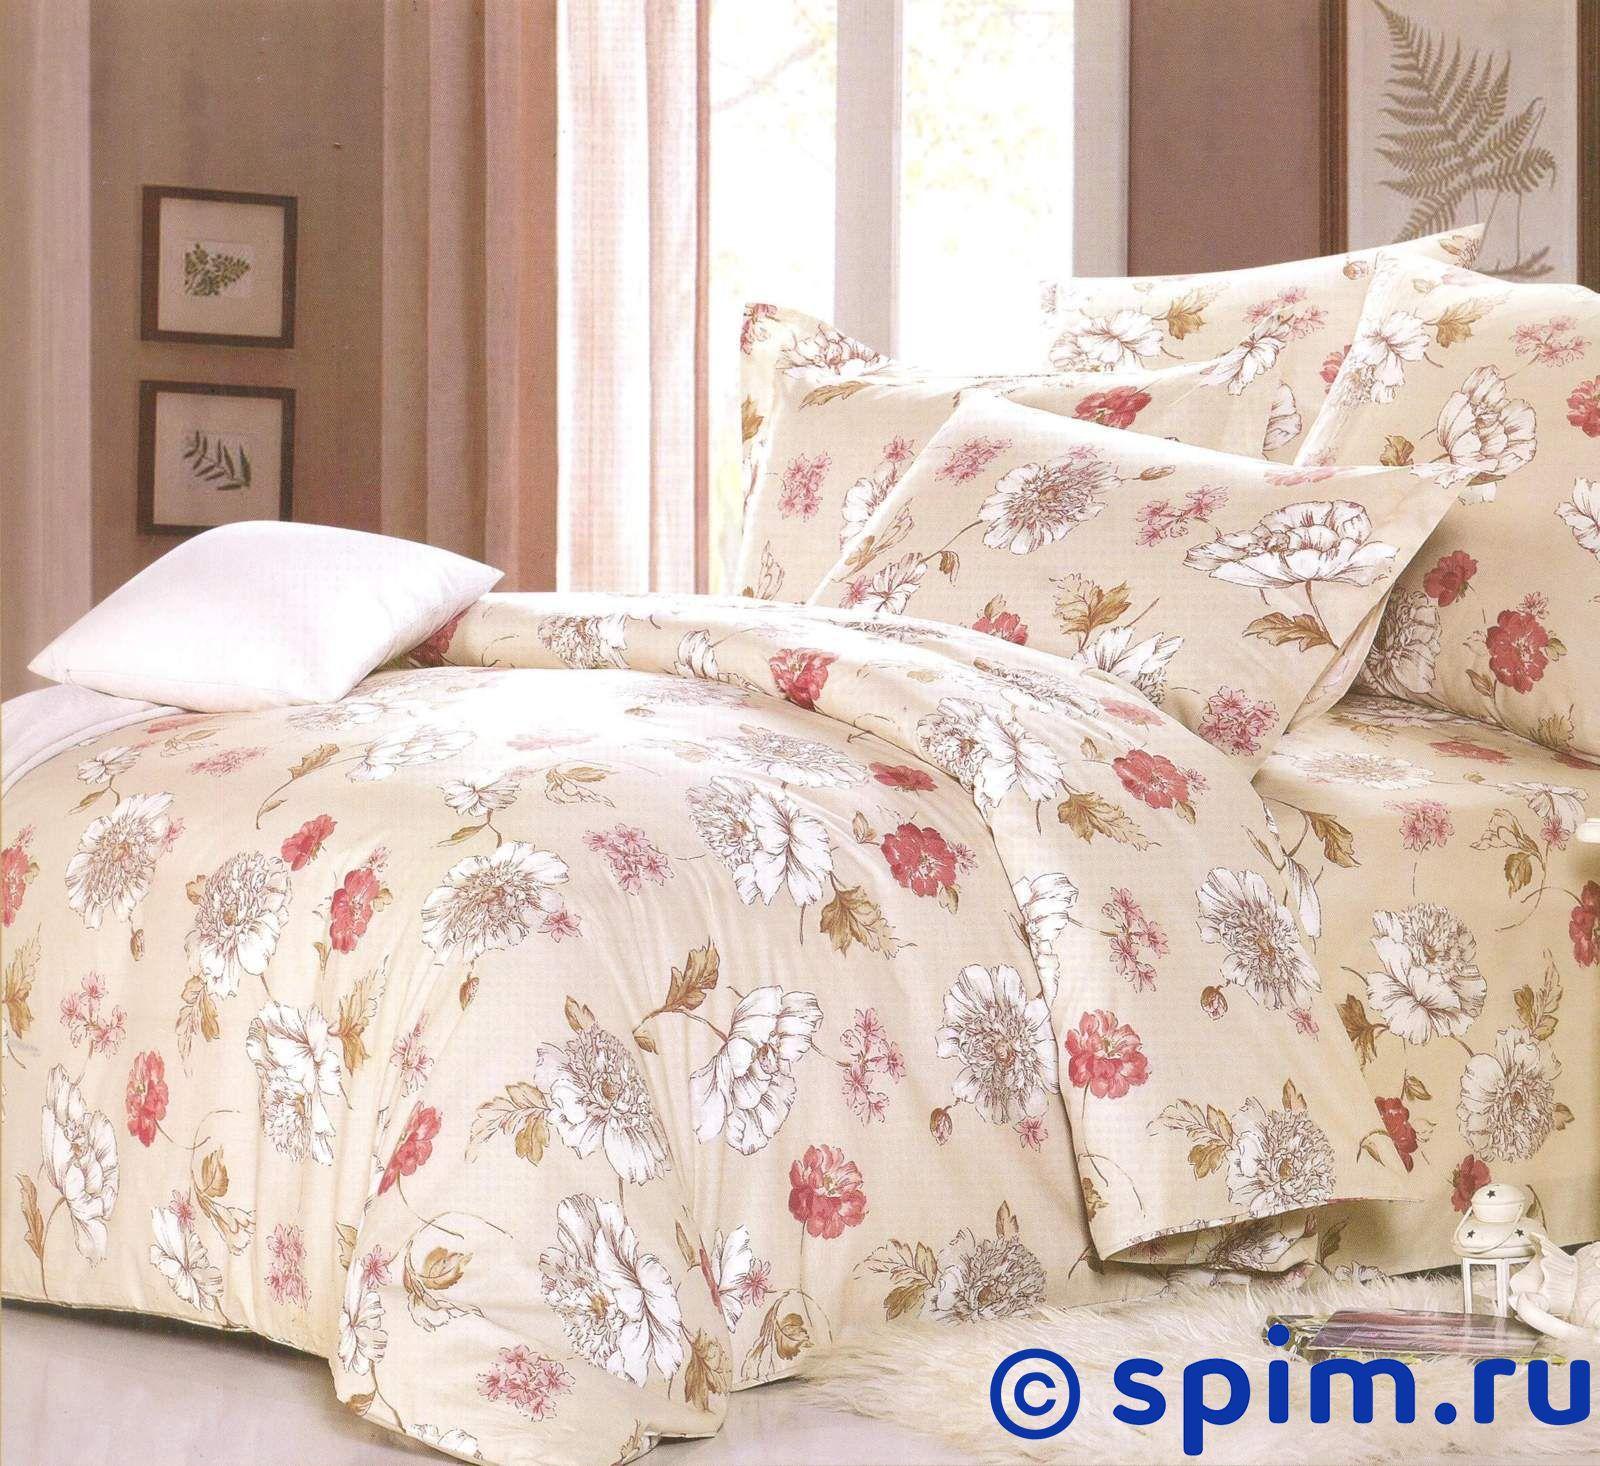 Комплект СайлиД А159 1.5 спальное